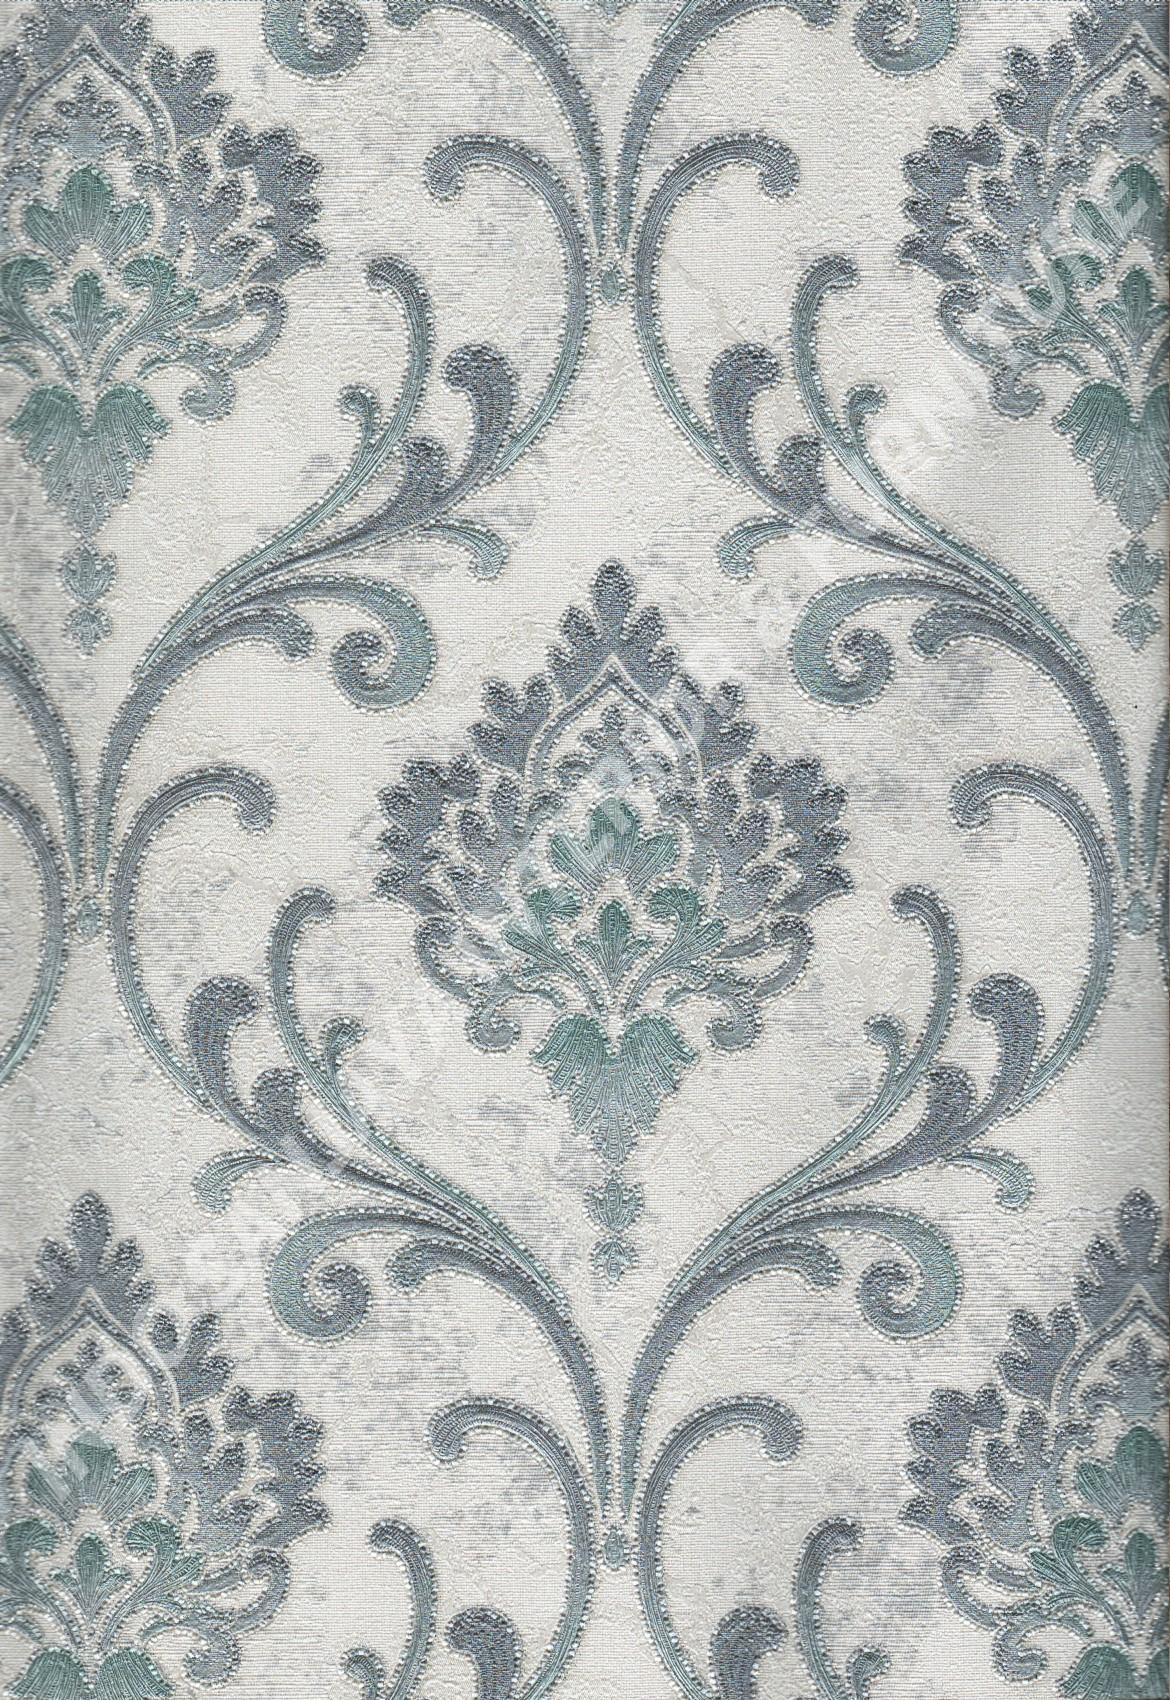 wallpaper   Wallpaper Klasik Batik (Damask) 81127-4:81127-4 corak  warna